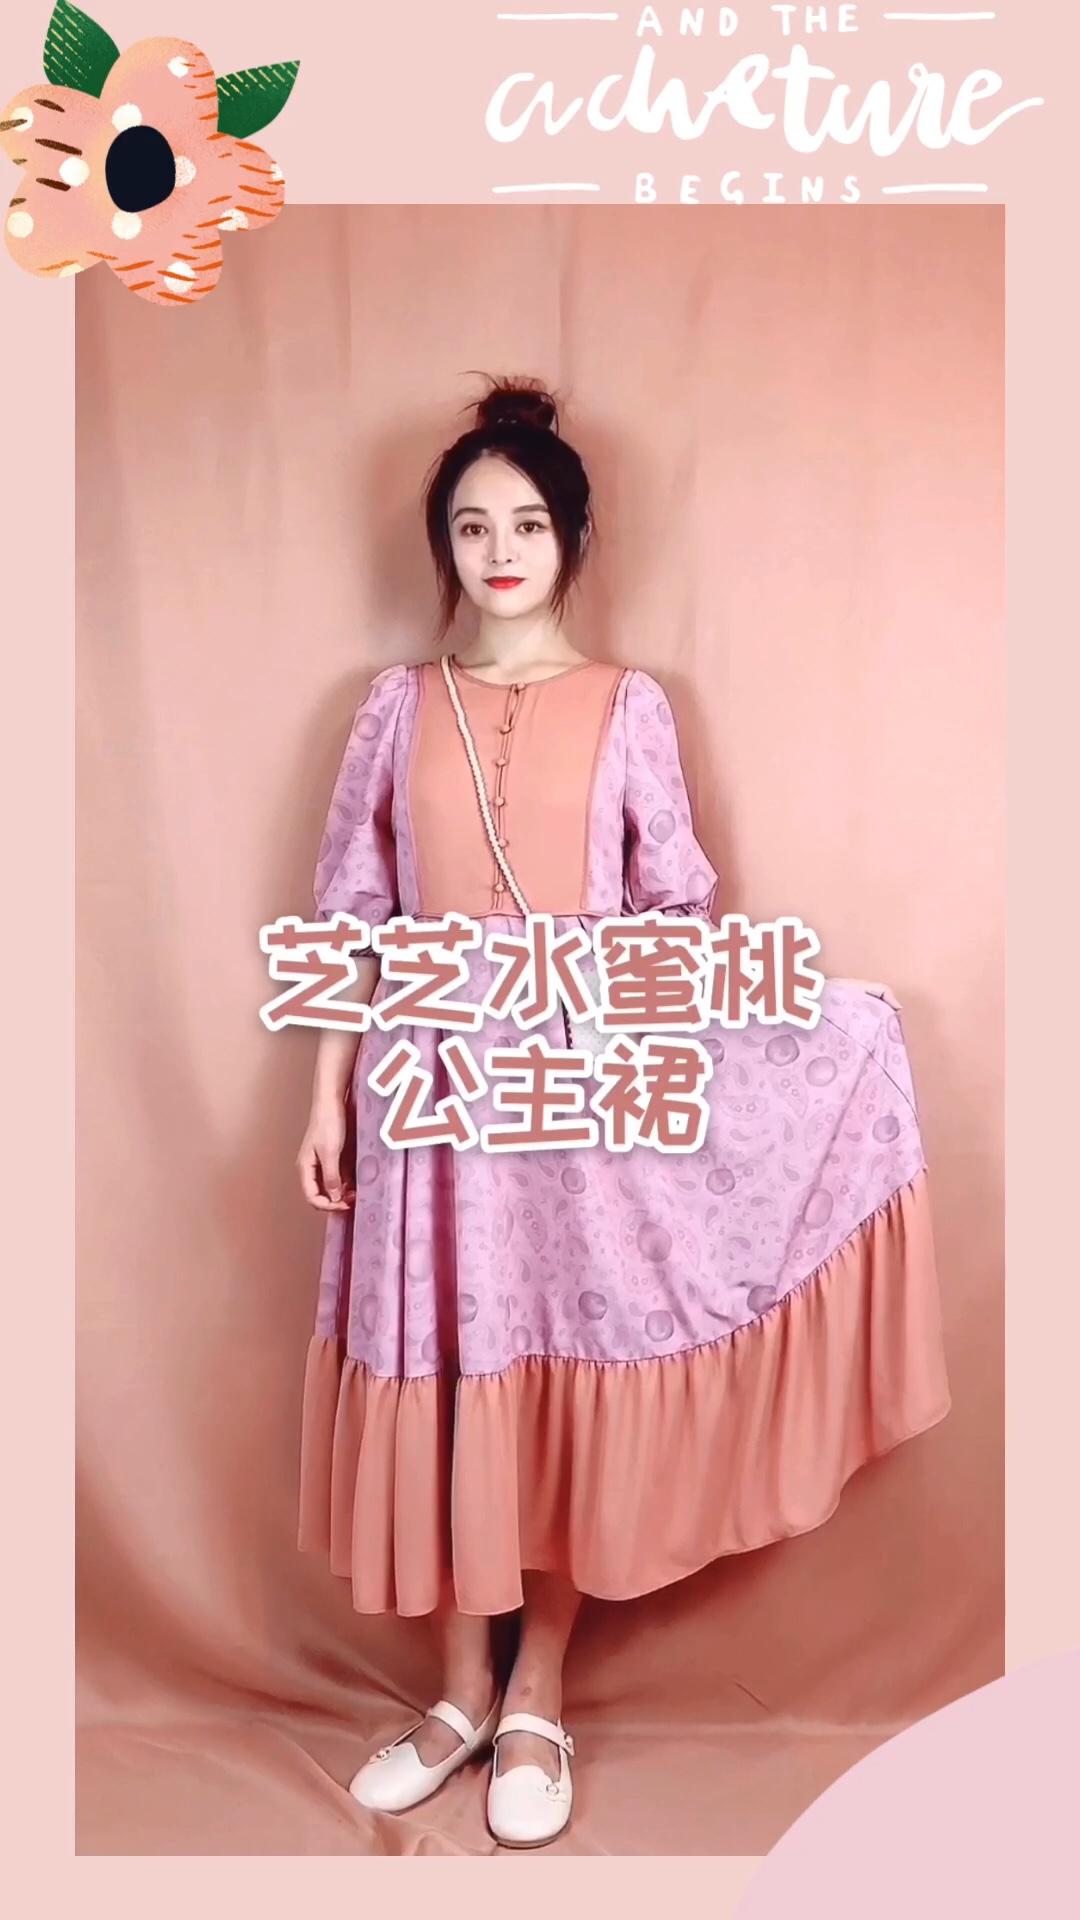 芝芝水蜜桃,公主裙穿搭。 超好看的蜜桃粉连衣裙。拼色超级好看,蜜桃粉和西柚粉的结合,很显白。袖口的设计打了褶皱,带一点宫廷感,肩宽臂粗的穿着会有显瘦的修饰作用。重工裙摆,面料用量很多,非常遮肉。粉紫色水滴球配上腰果底纹,充满可爱的艺术气息。 #夏日收官look大比拼#